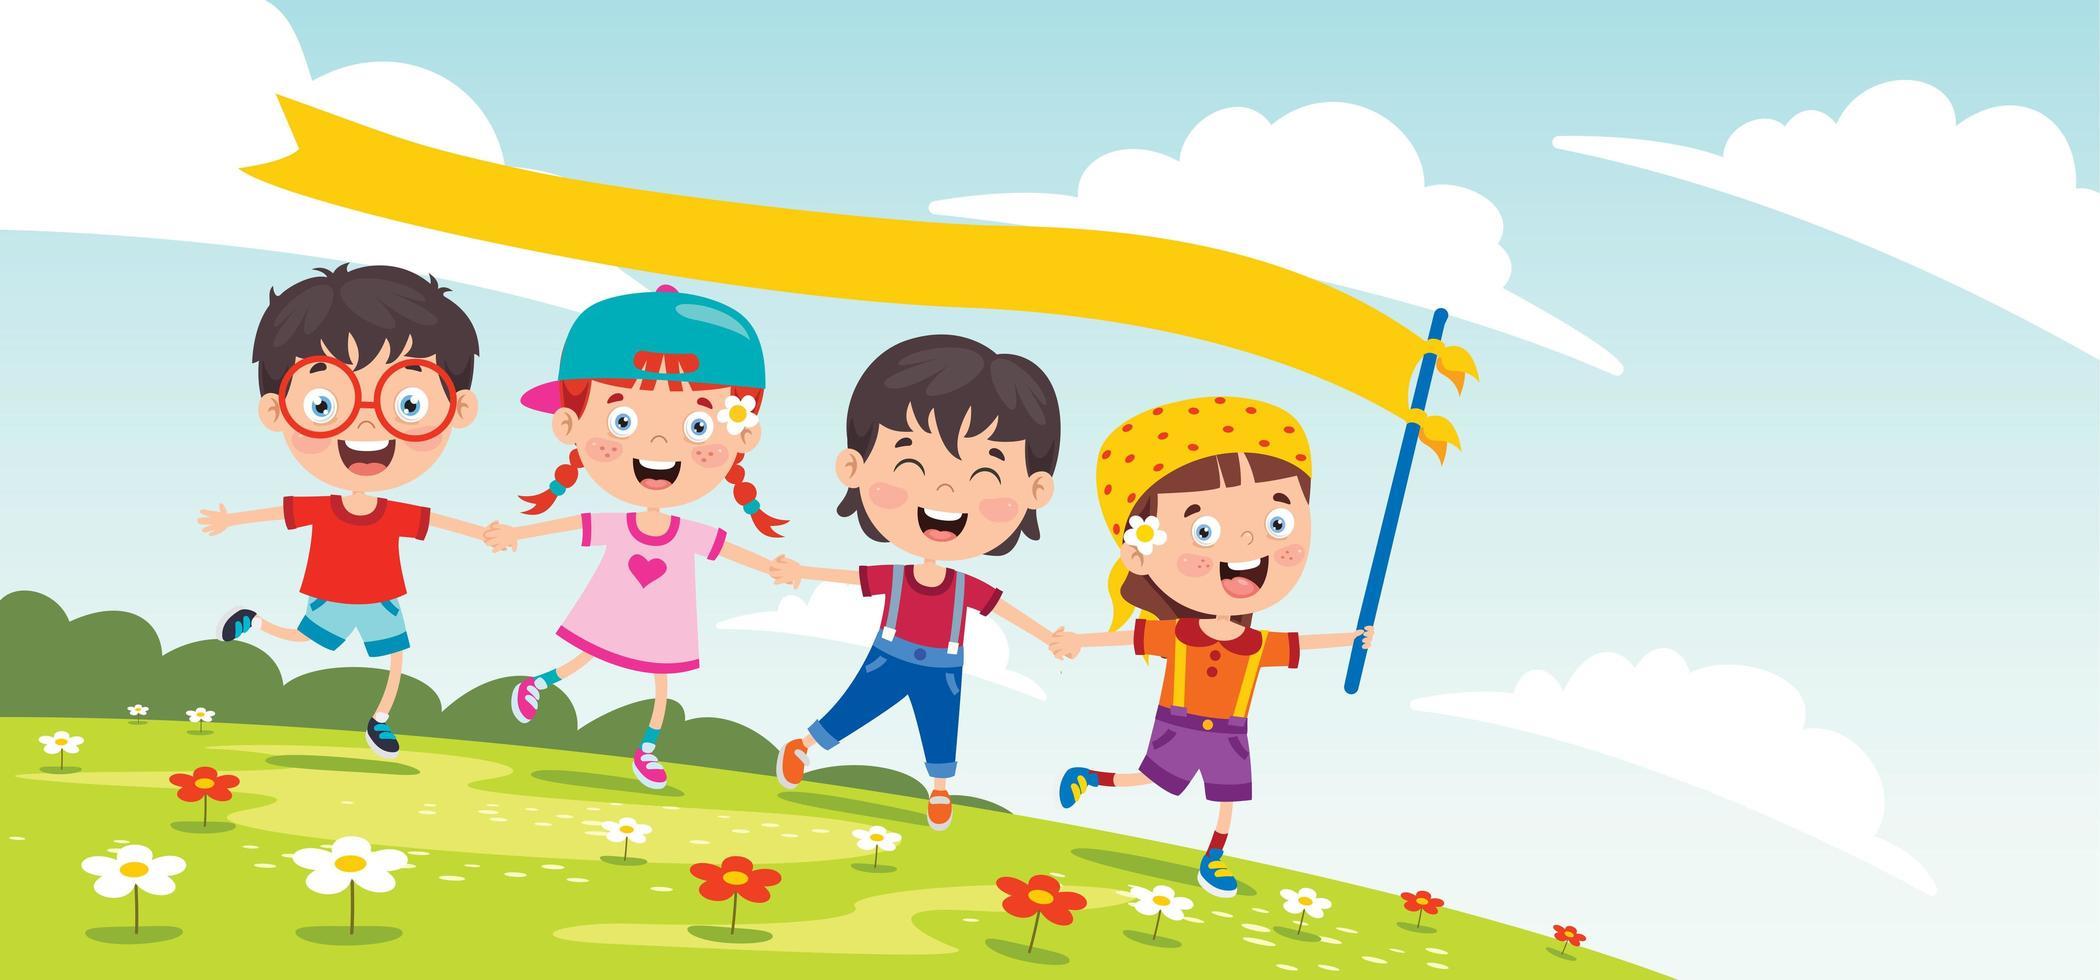 kinderen spelen buiten met banner vlag vector